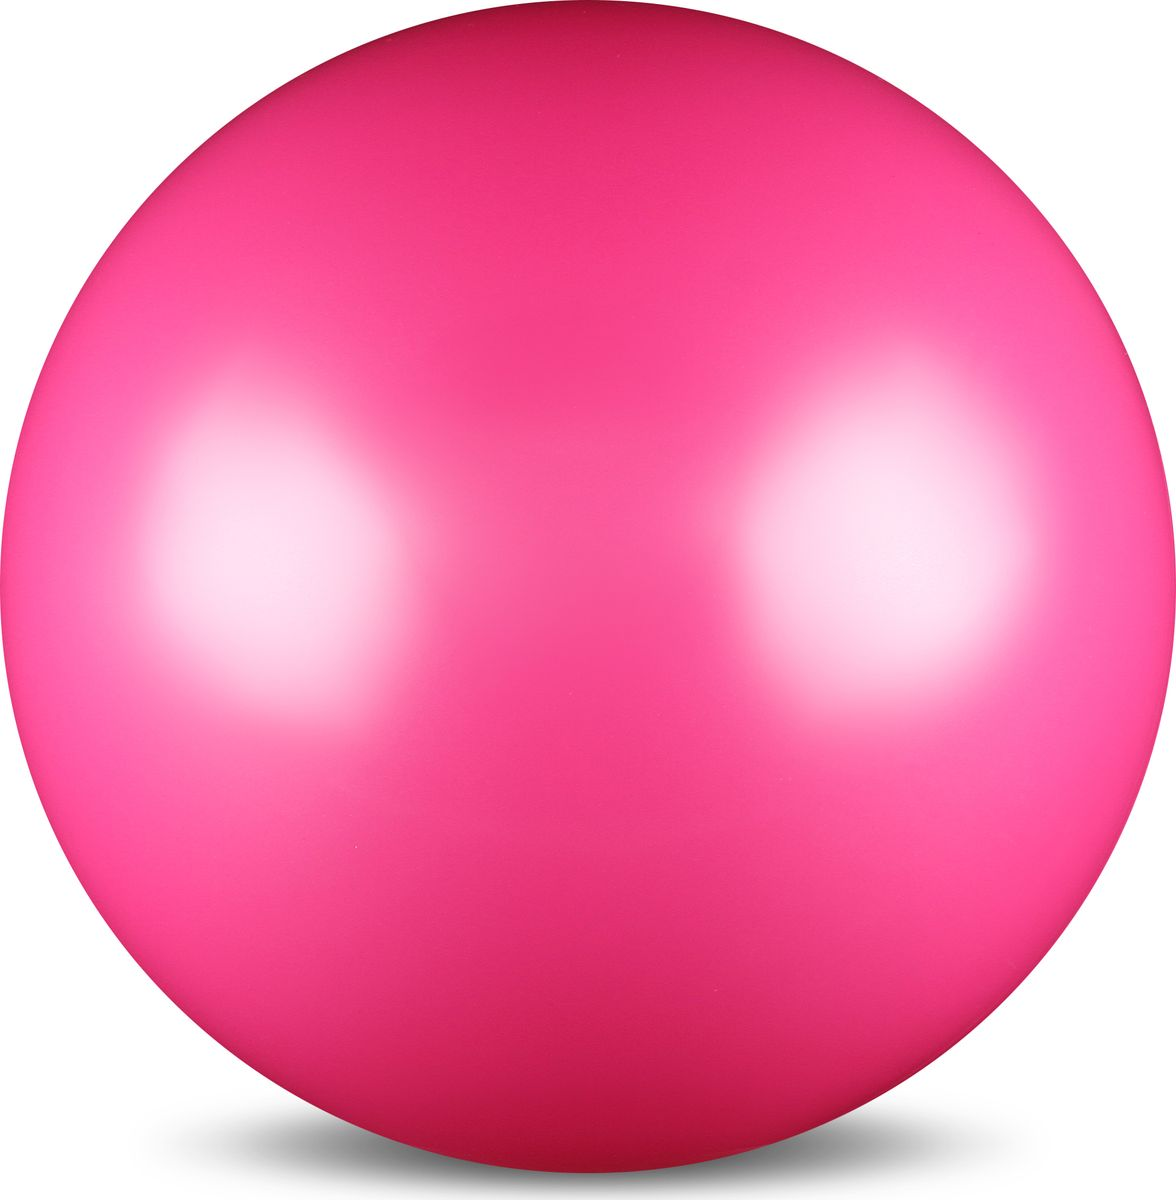 Мяч для художественной гимнастики Indigo, силиконовый, цвет: фуксия, диаметр 15 см00023220Данная модель гимнастического мяча прекрасно подходит как для начинающих, так и для более опытных спортсменок.Изготовлен мяч для художественной гимнастики из высококачественных материалов.Мяч прочный и надежный, обладает ярким насыщенным цветом и выполнен с учетом всех спортивных стандартов.Подбирается цвет мяча для гимнастики под образ и костюм гимнастки.Одобрен международной федерацией художественной гимнастики (FIG).